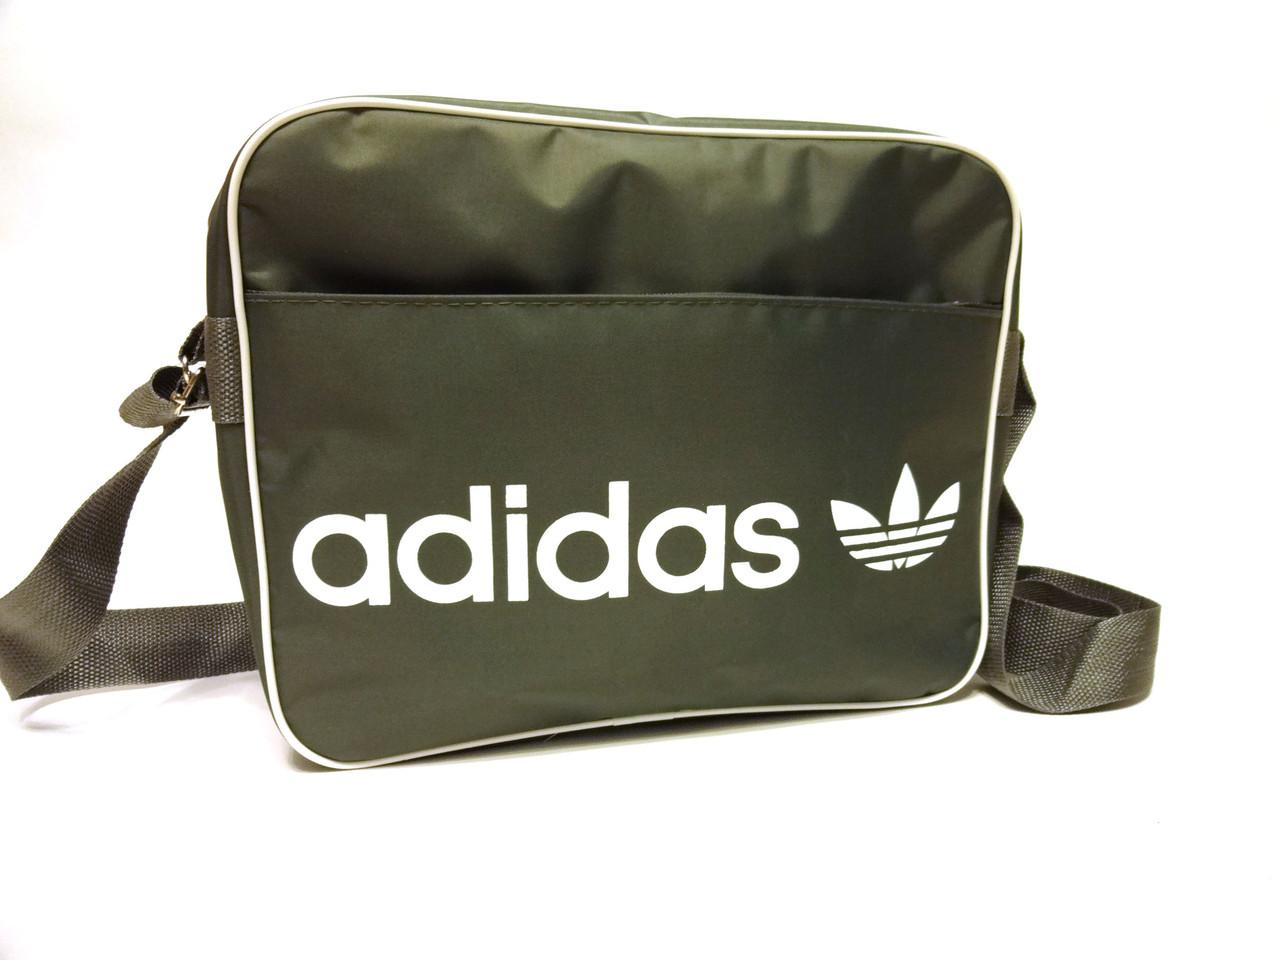 Спортивная сумка планшет Adidas (Адидас) через плечо, серая с белым принтом реплика